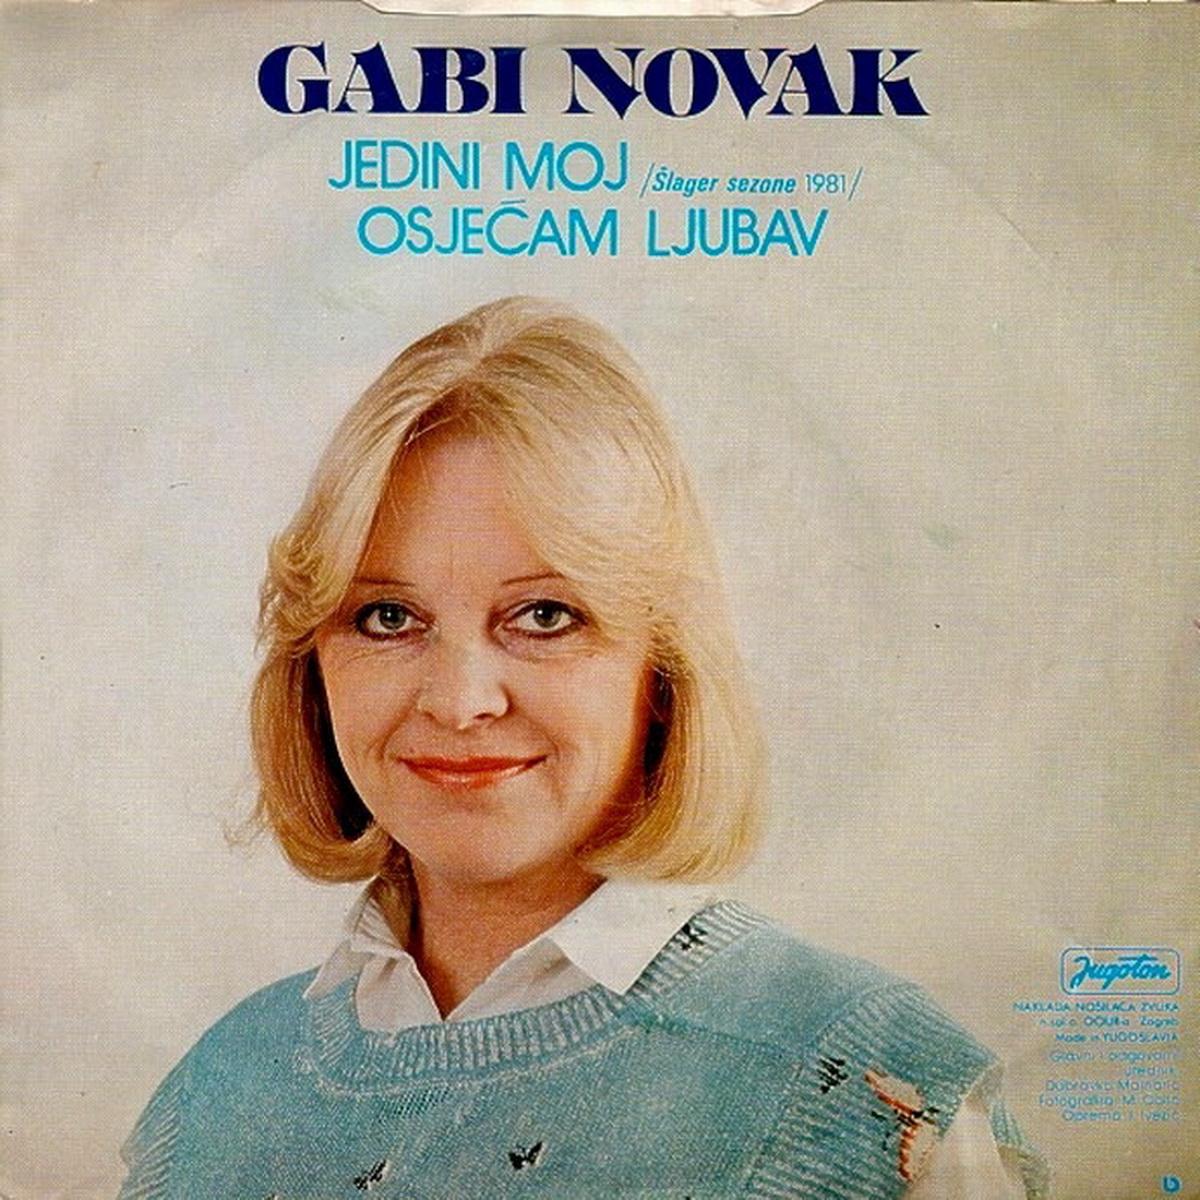 Gabi Novak 1981 Jedini moj B